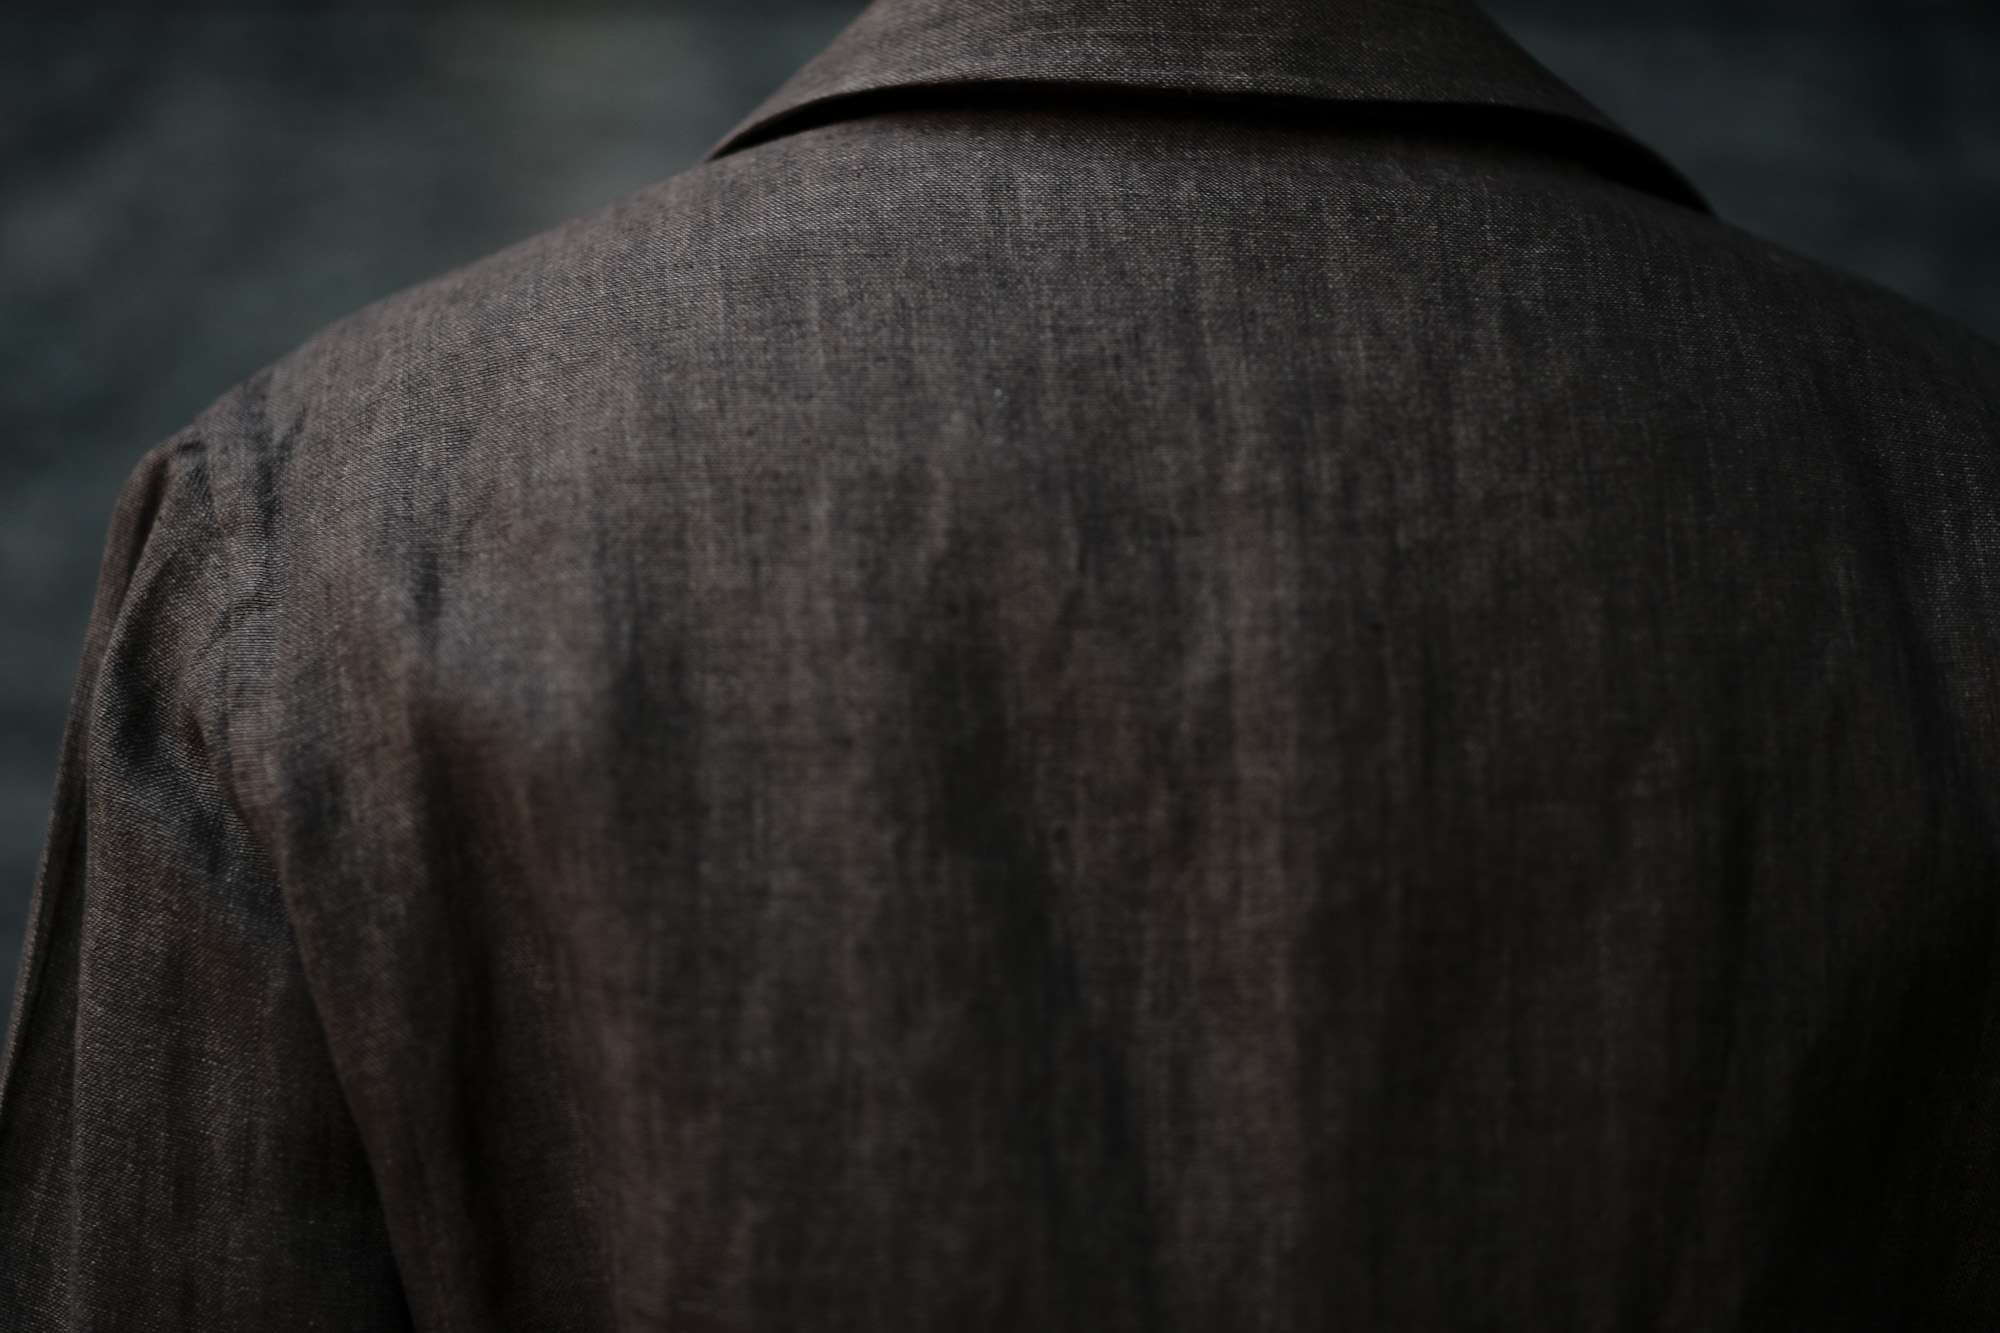 De Petrillo(デ ペトリロ) SAHARIANA (サハリアーナ) リネン サファリ ジャケット BROWN (ブラウン・312) Made in italy (イタリア製) 2020 春夏【ご予約受付中】 愛知 名古屋 altoediritto アルトエデリット depetrillo